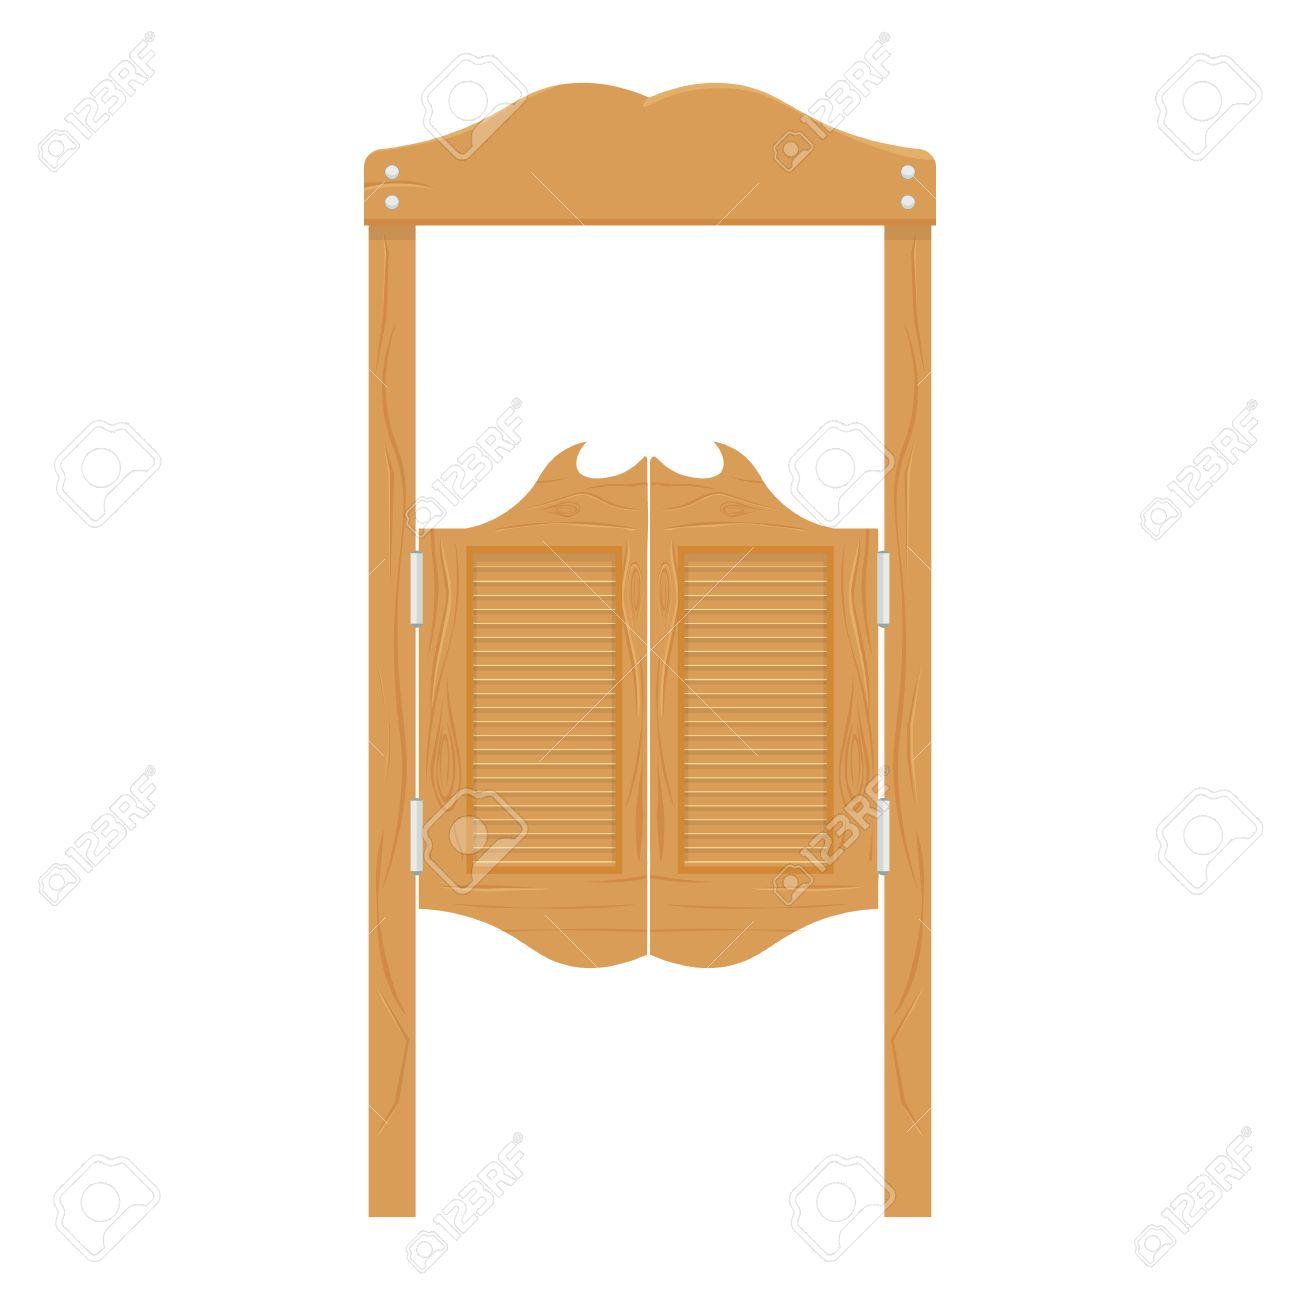 Doors in western saloon wild west vector illustration.